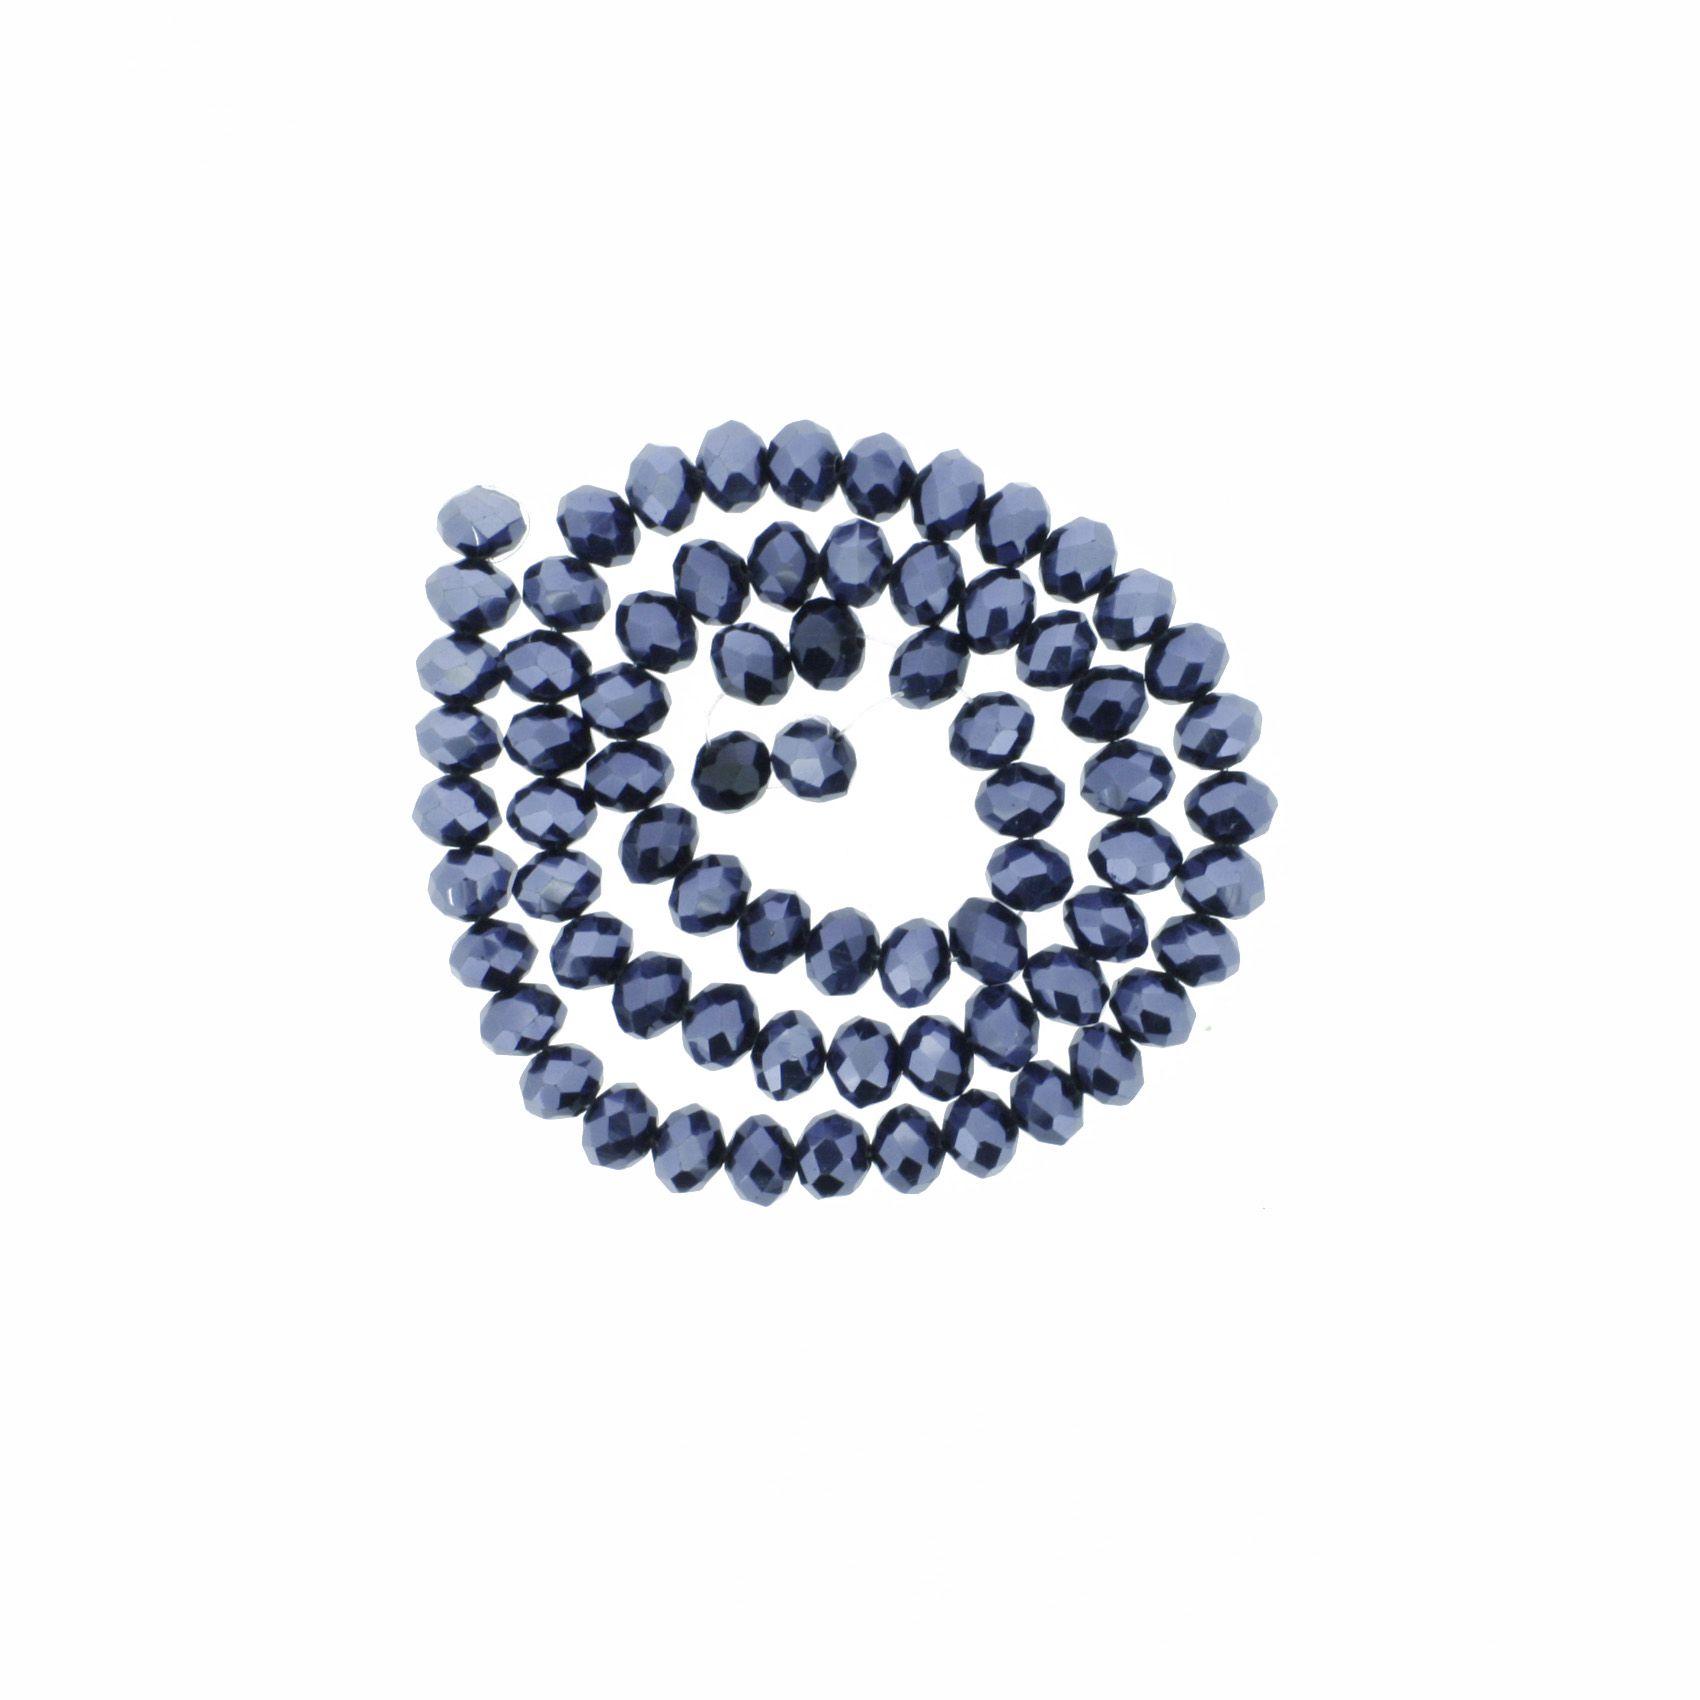 Fio de Cristal - Flat® - Grafite - 8mm  - Stéphanie Bijoux® - Peças para Bijuterias e Artesanato